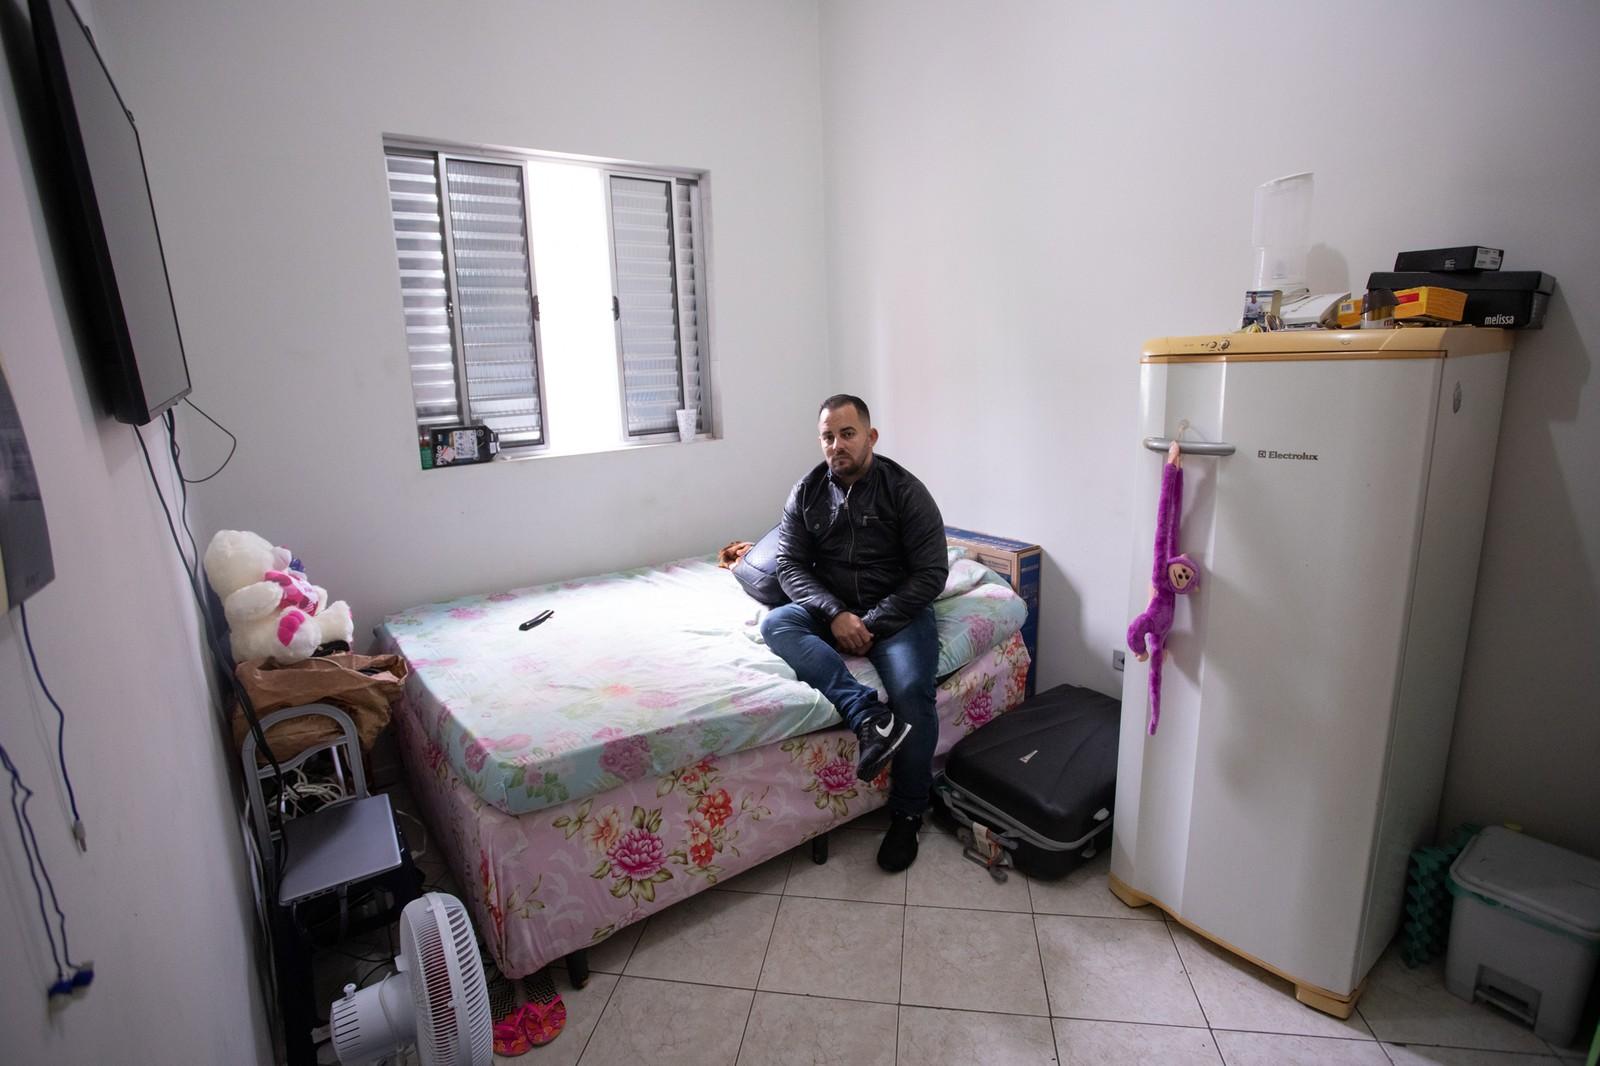 karel sanchez fuentes refugiado cubano f99a9057 celso tavares g1